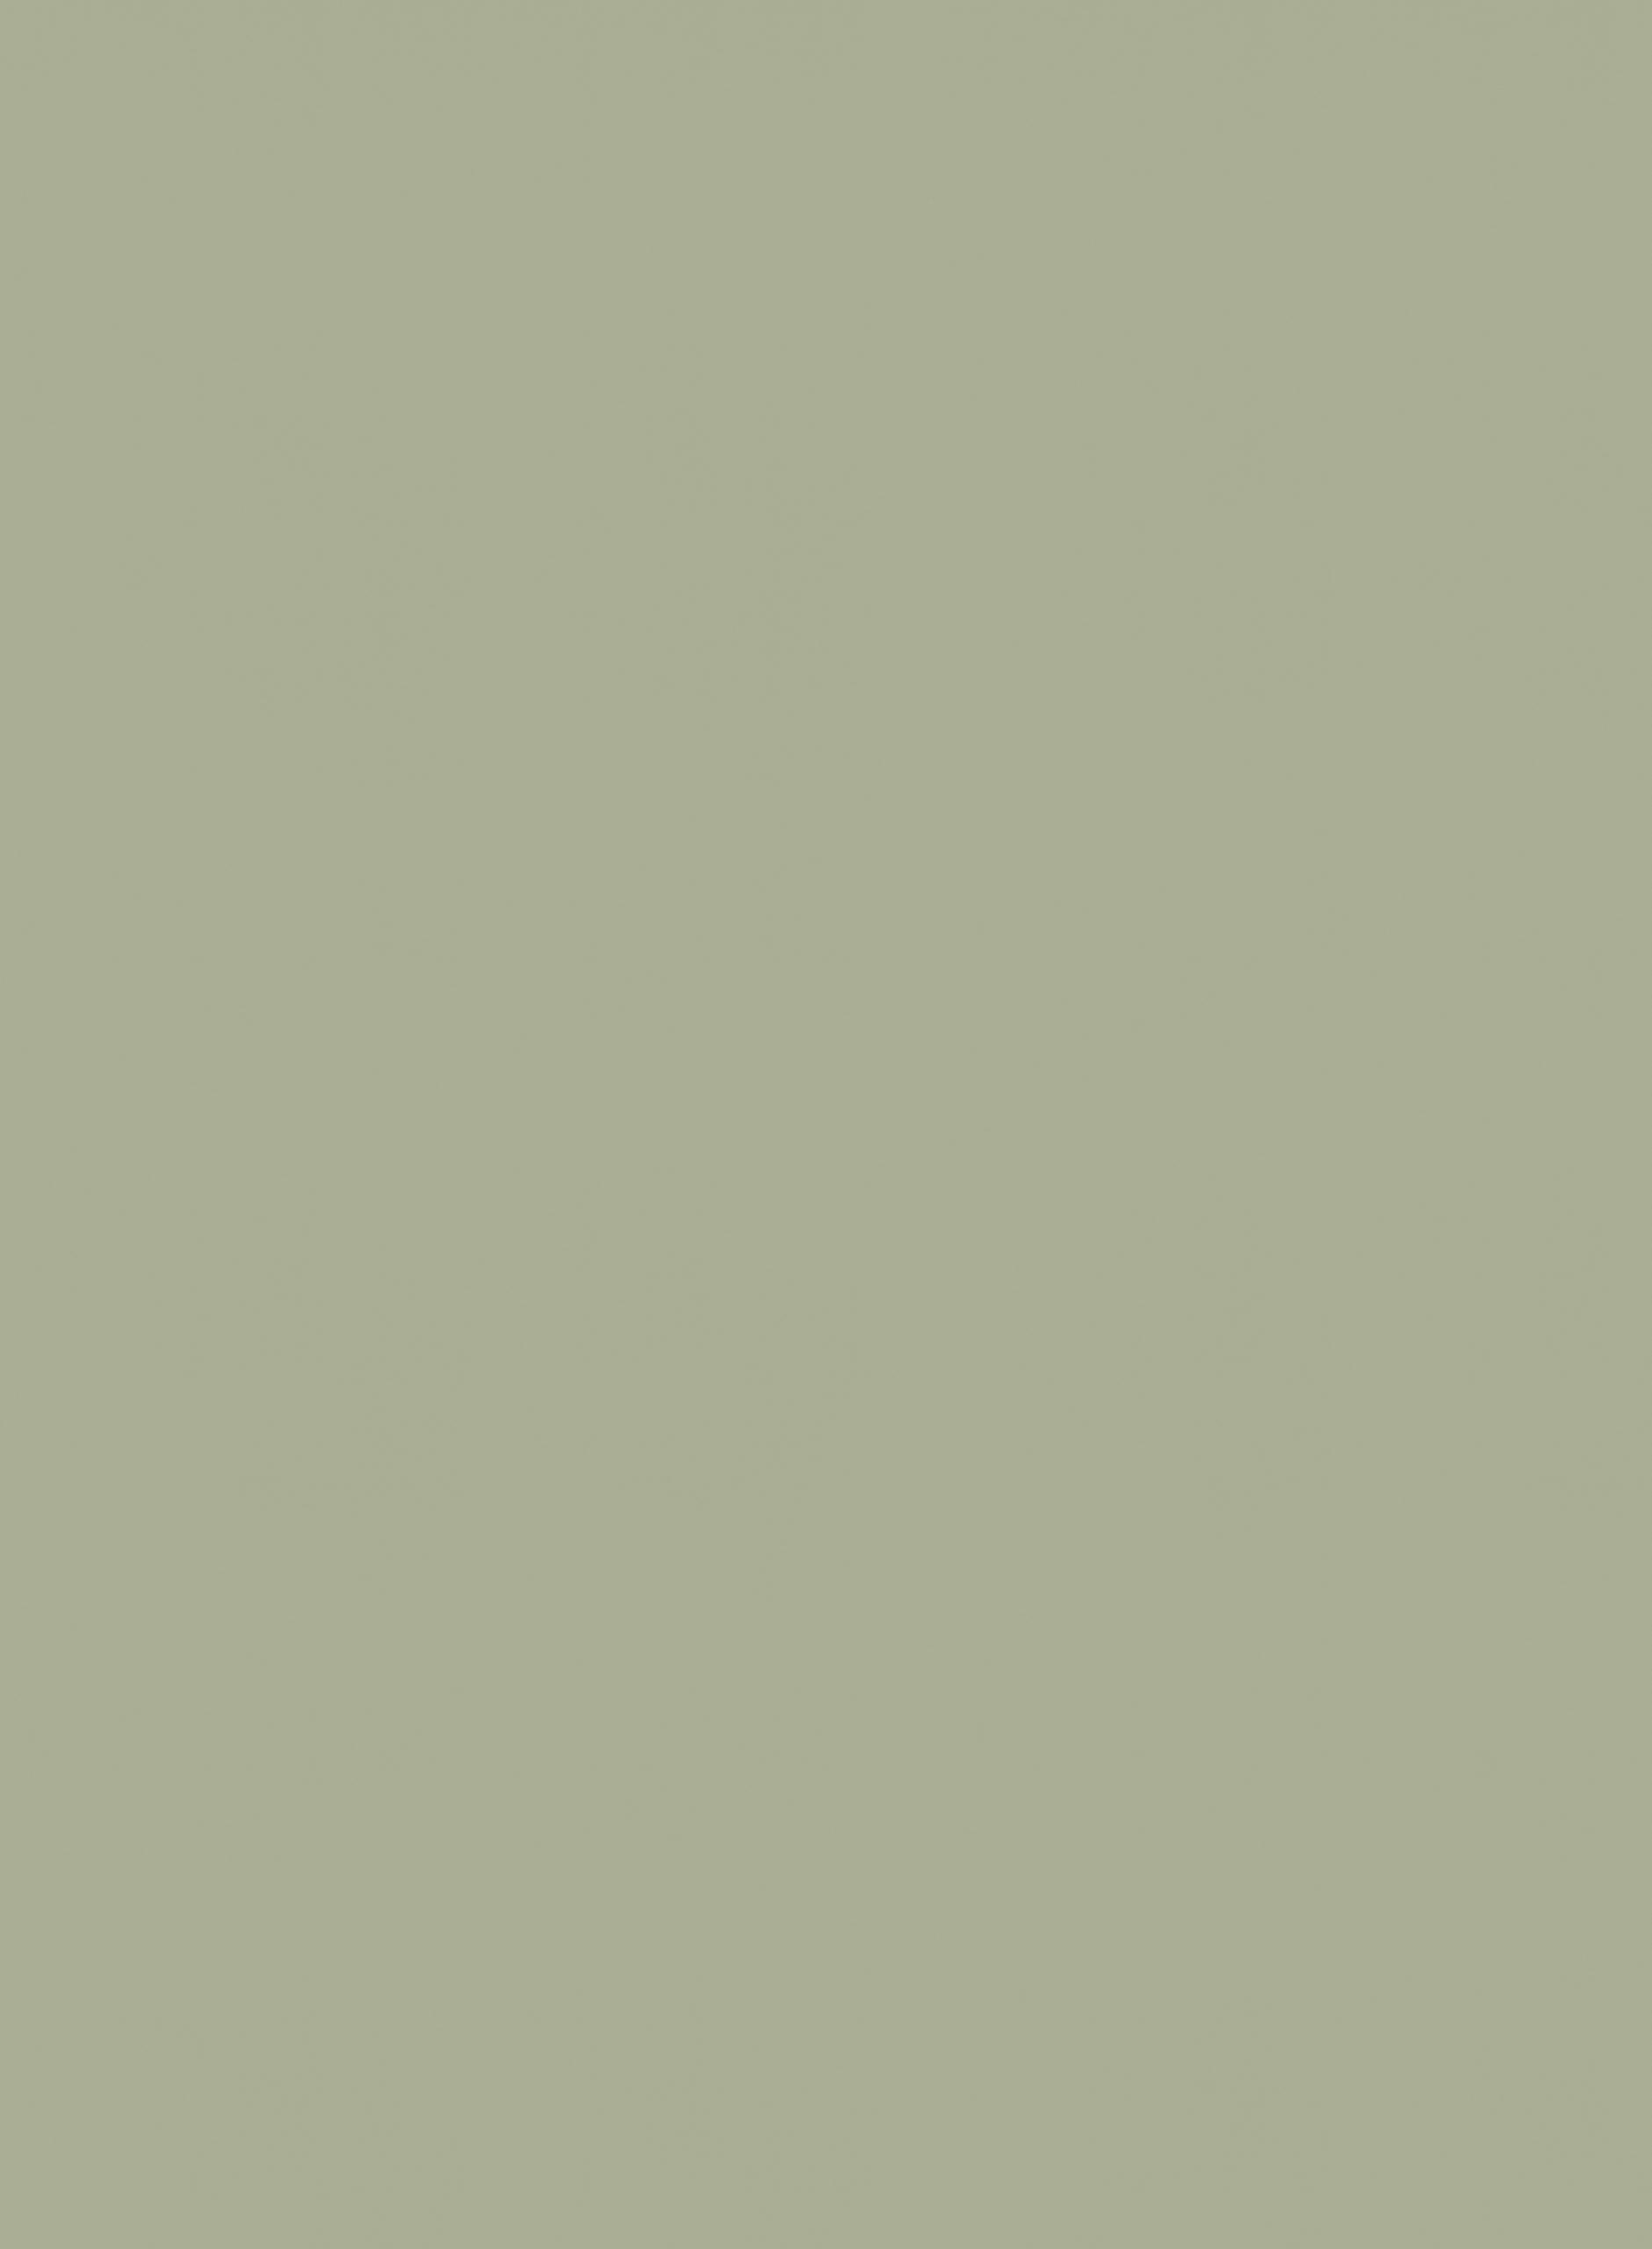 UB28 Ovatta hele plaatafbeelding 2800x2070 mm